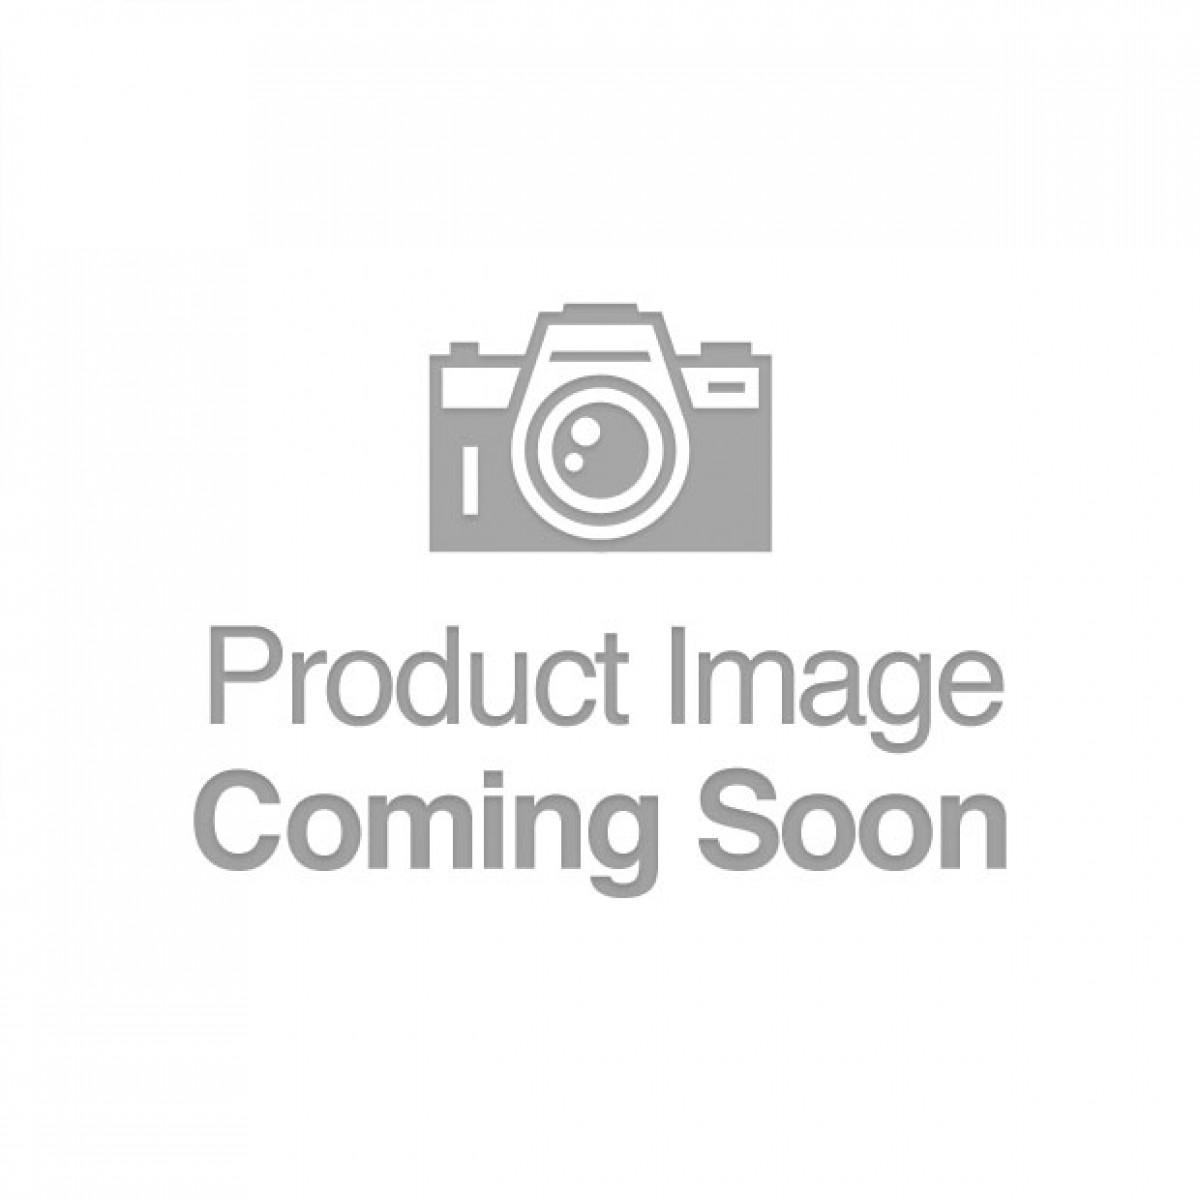 Vedo Lr41 Batteries - 1.5v Pack Of 12